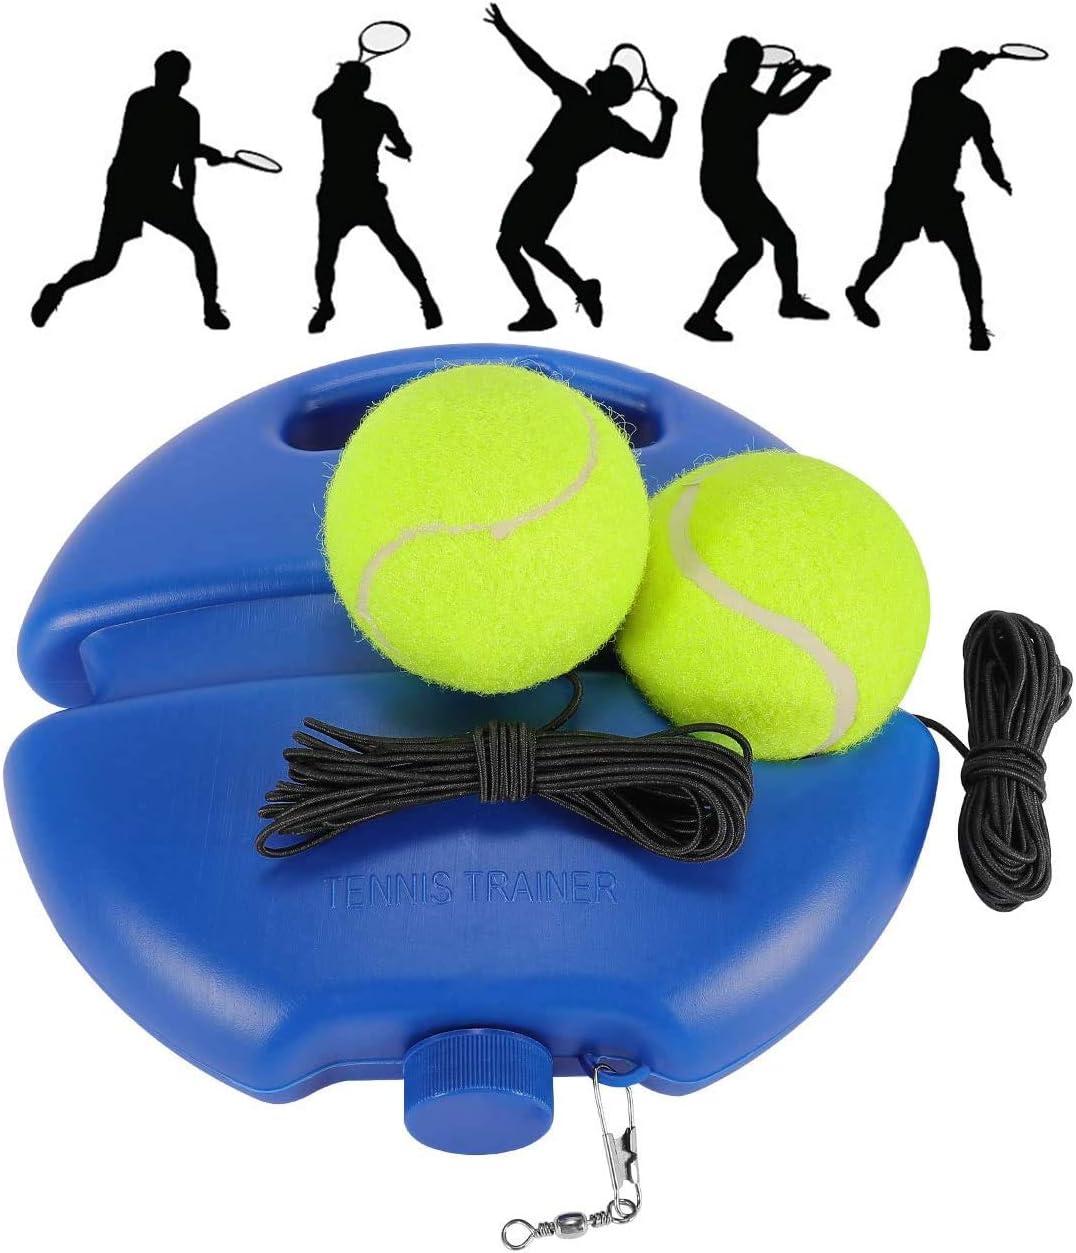 Fostoy Entrenador de Tenis Bolas de Rebote con Cuerda Herramienta de Práctica Entrenamiento Base de Ejercicios Deportivos para Mujeres Hombres Childen Player Principiante Azul